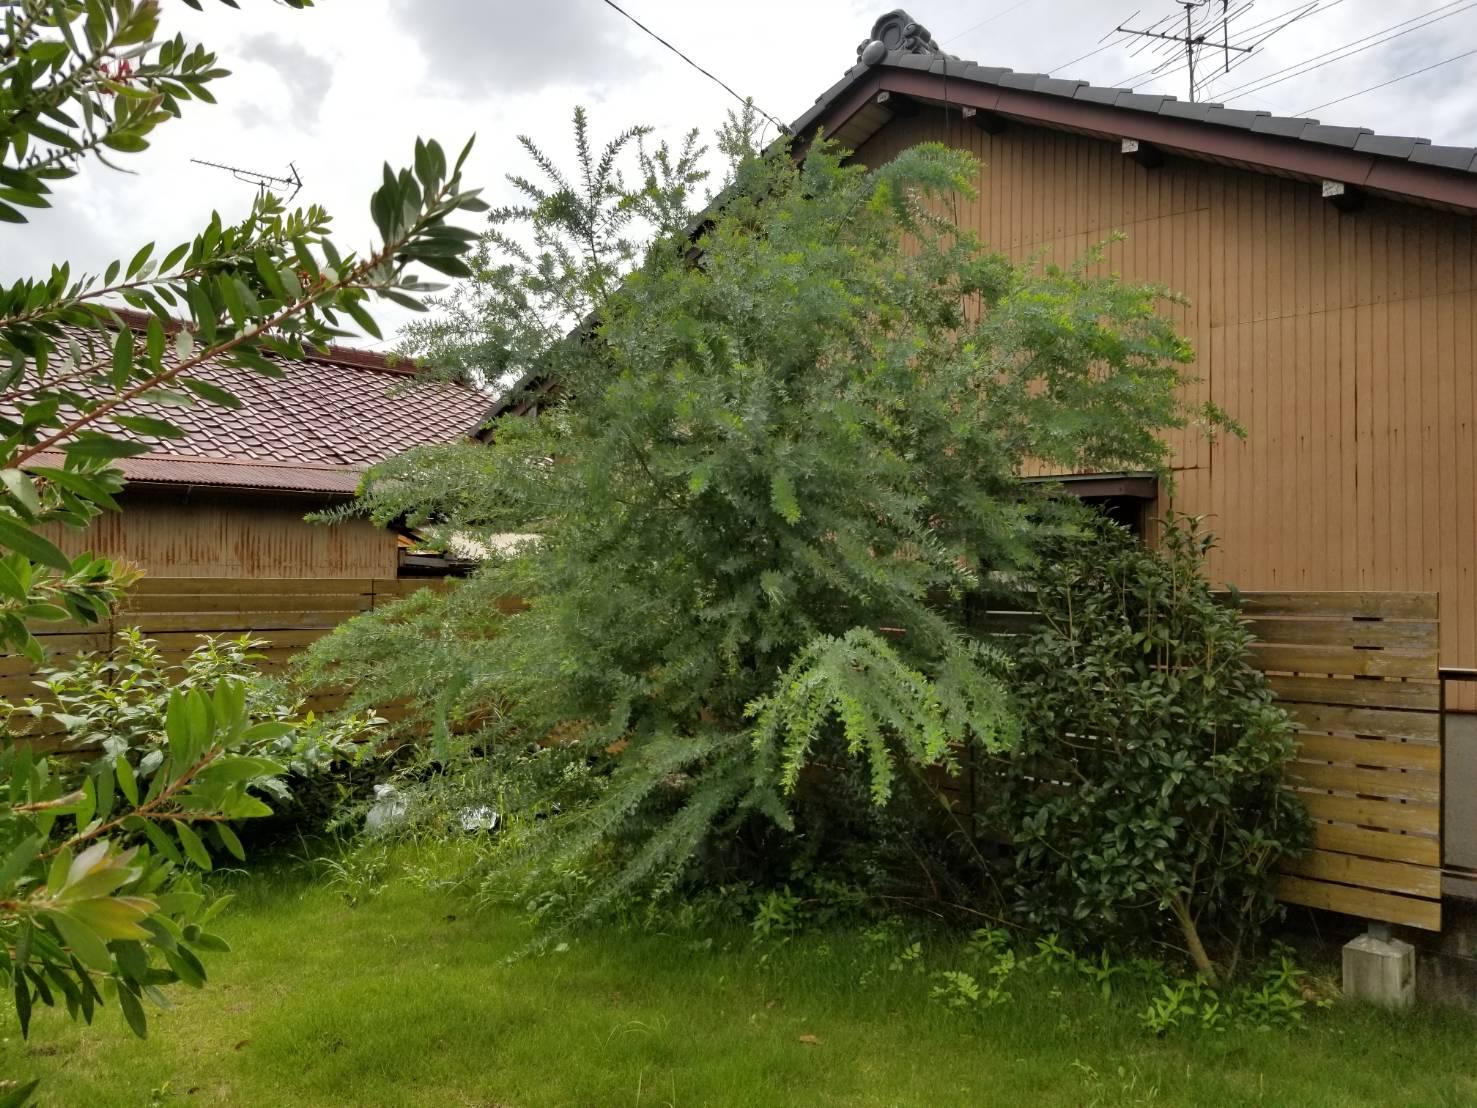 空き家管理 庭木の枝切 (2)